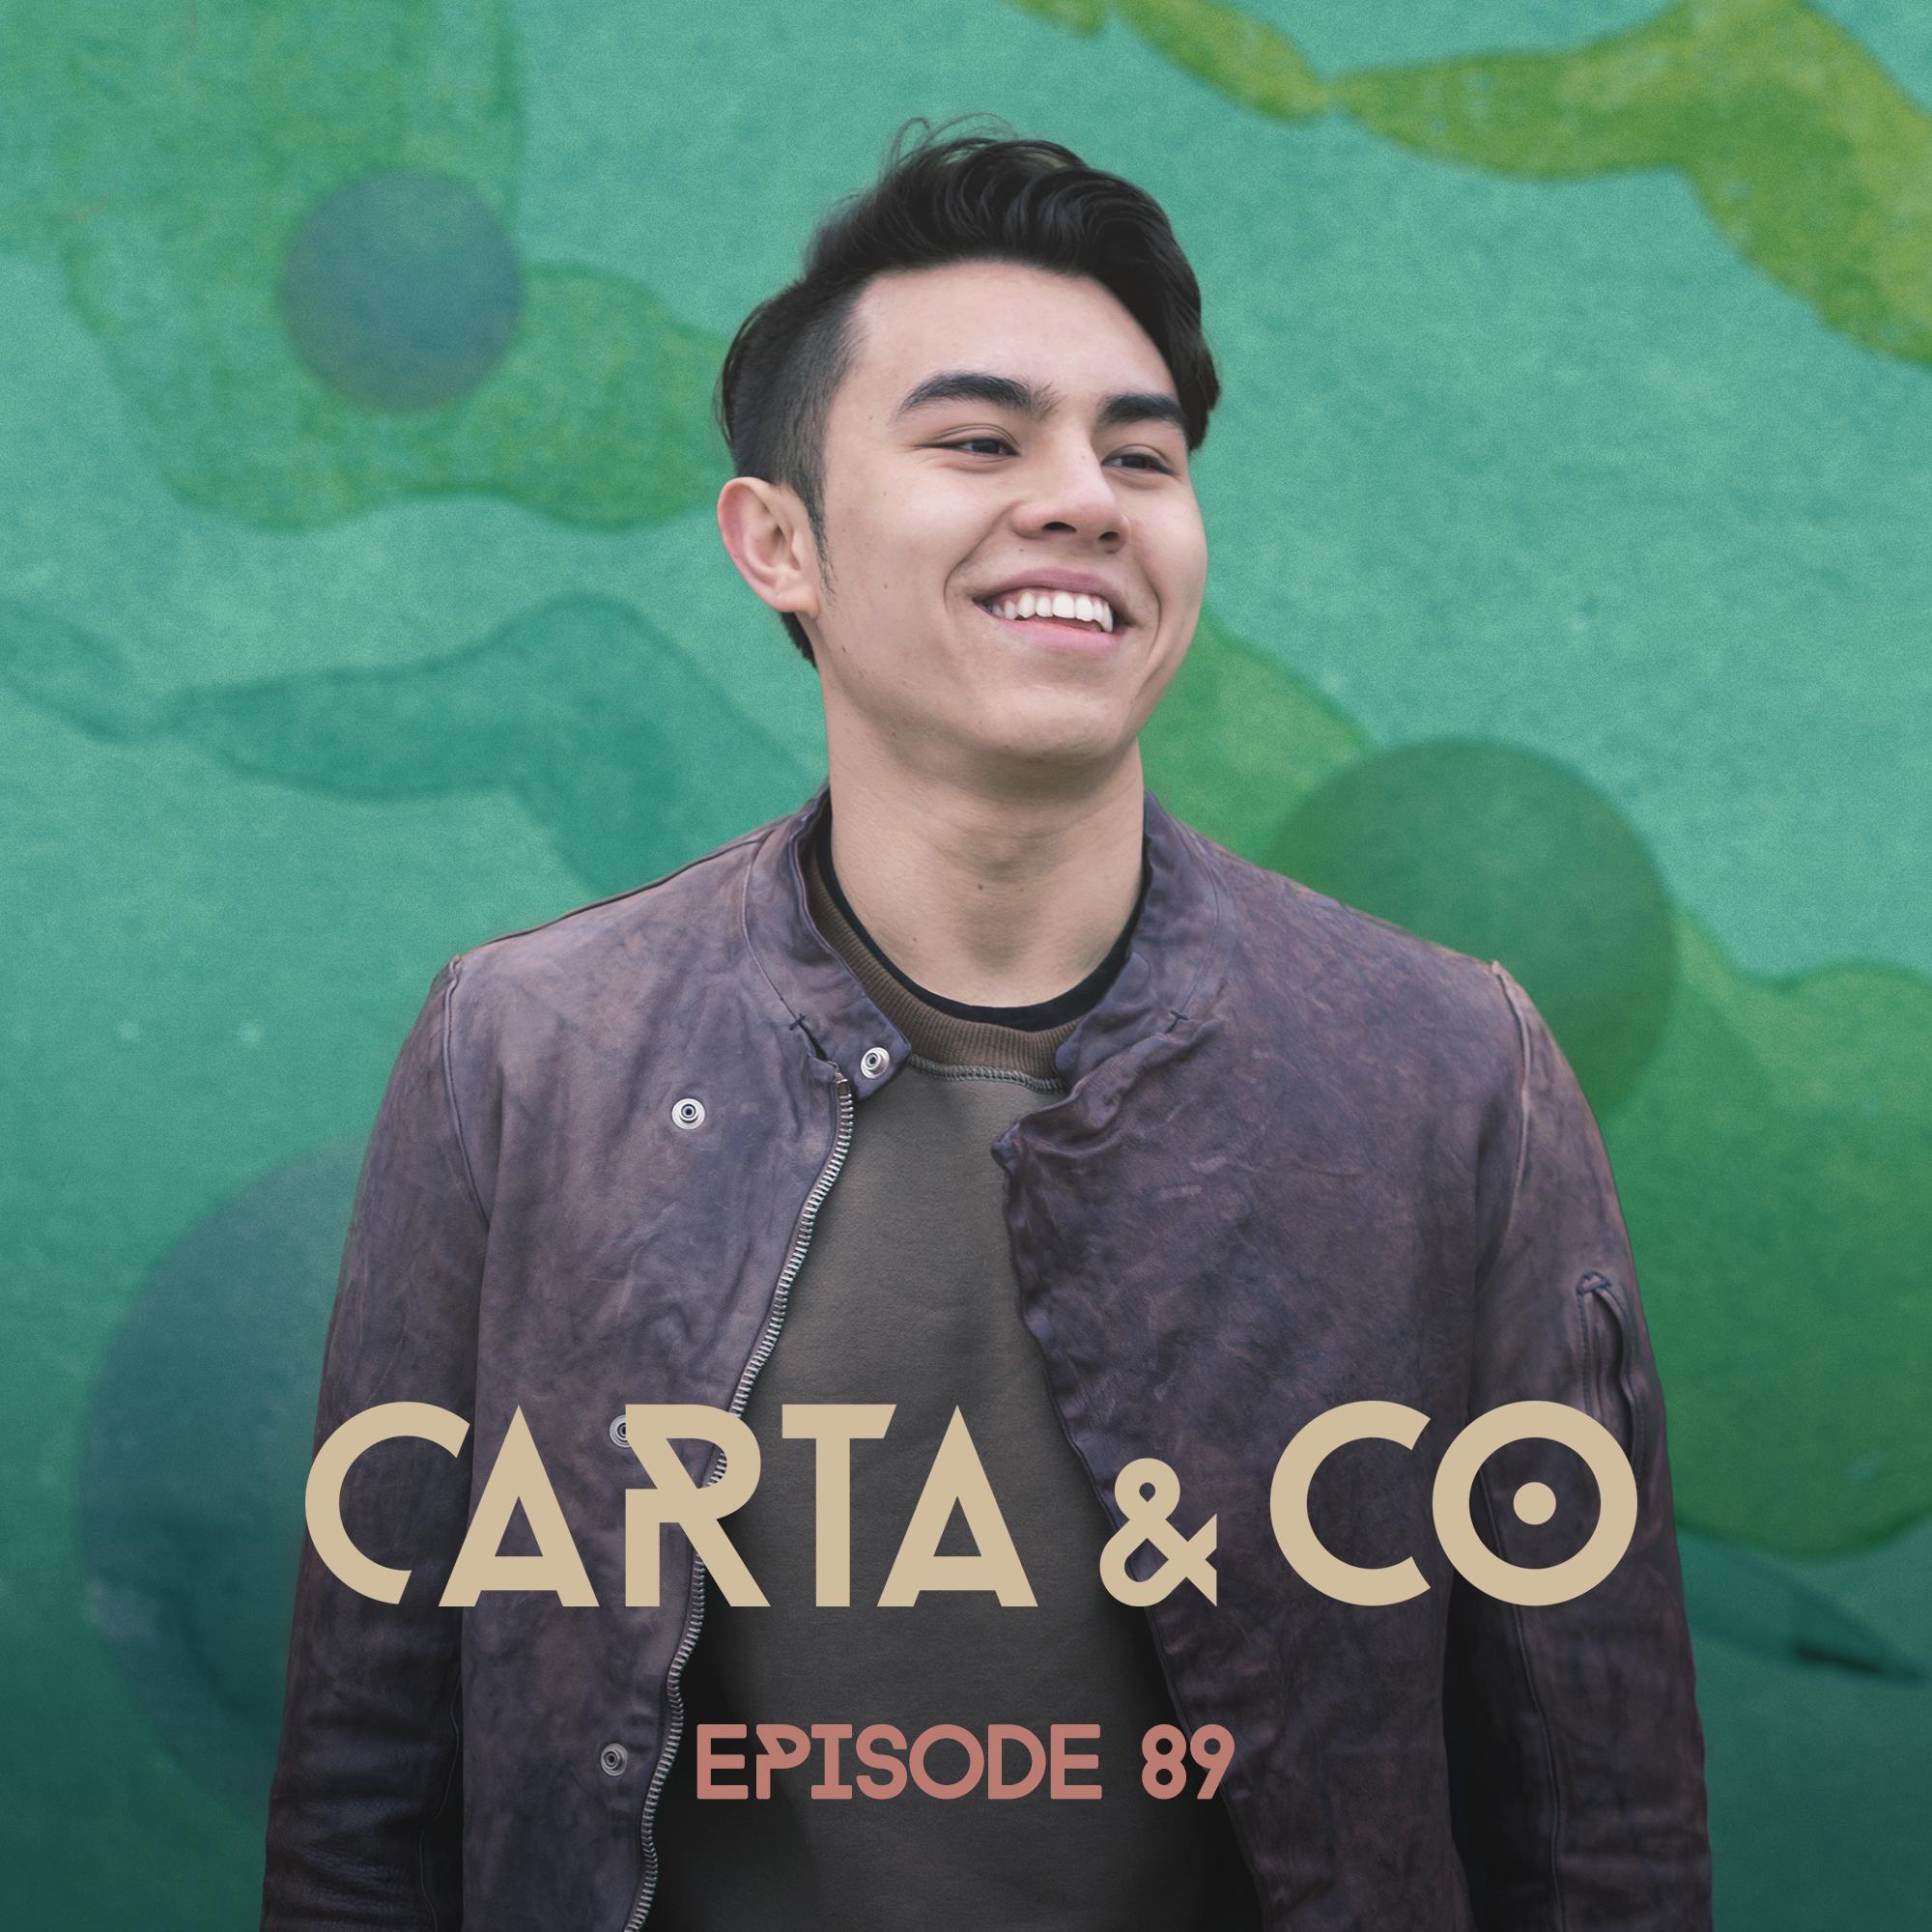 CARTA & CO - EPISODE 89